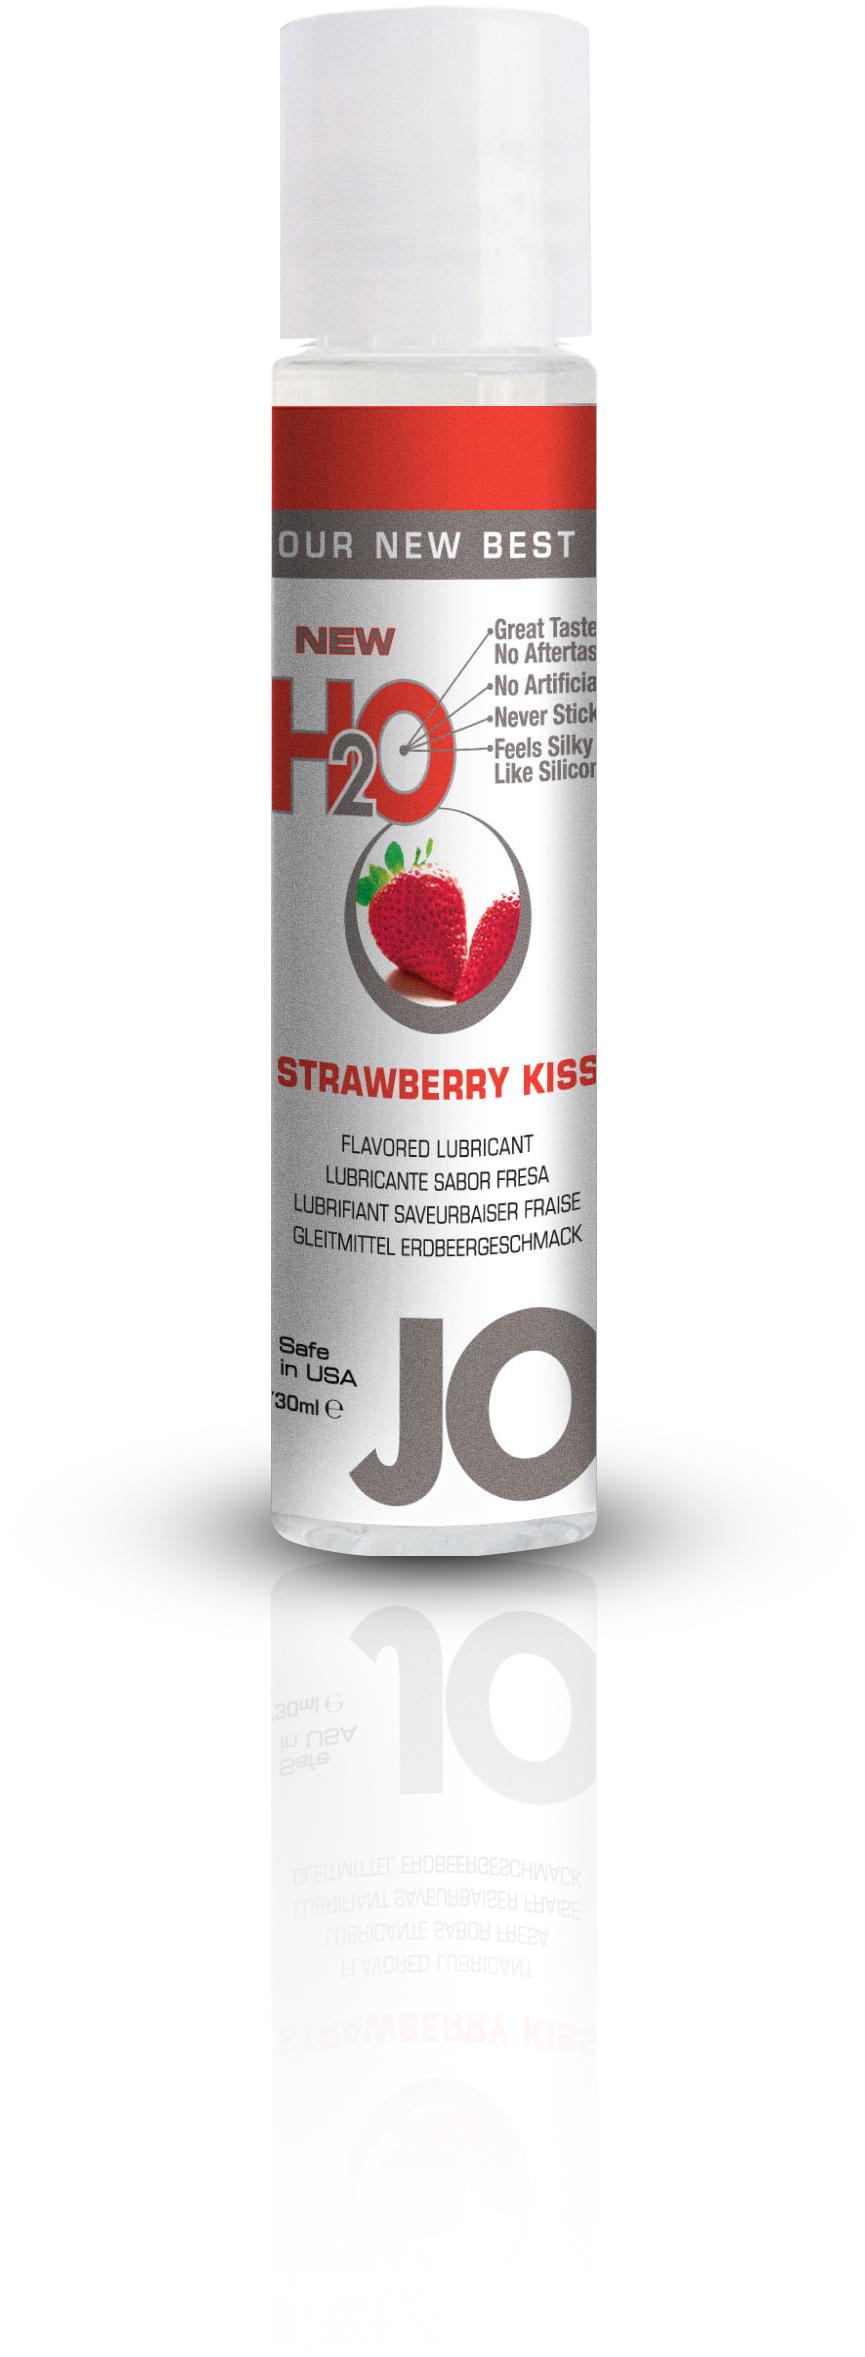 30118_JO_h2o_flavored_lubricant_1oz_1oz_strawberry.jpg